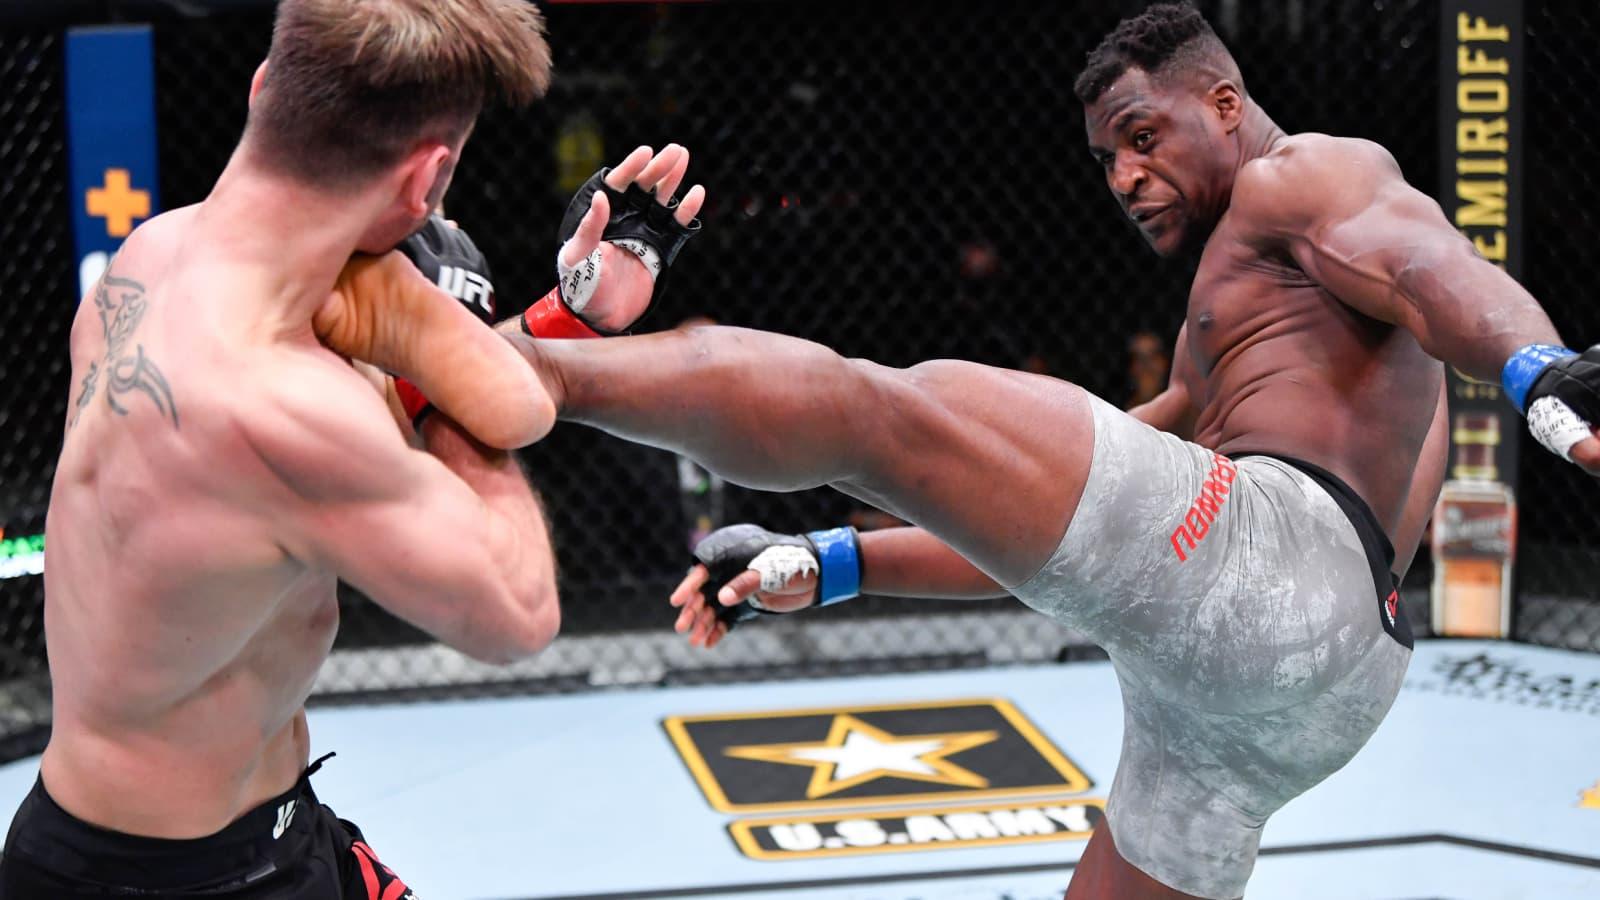 Boxe, MMA : la fièvre du combat sur RMC Sport